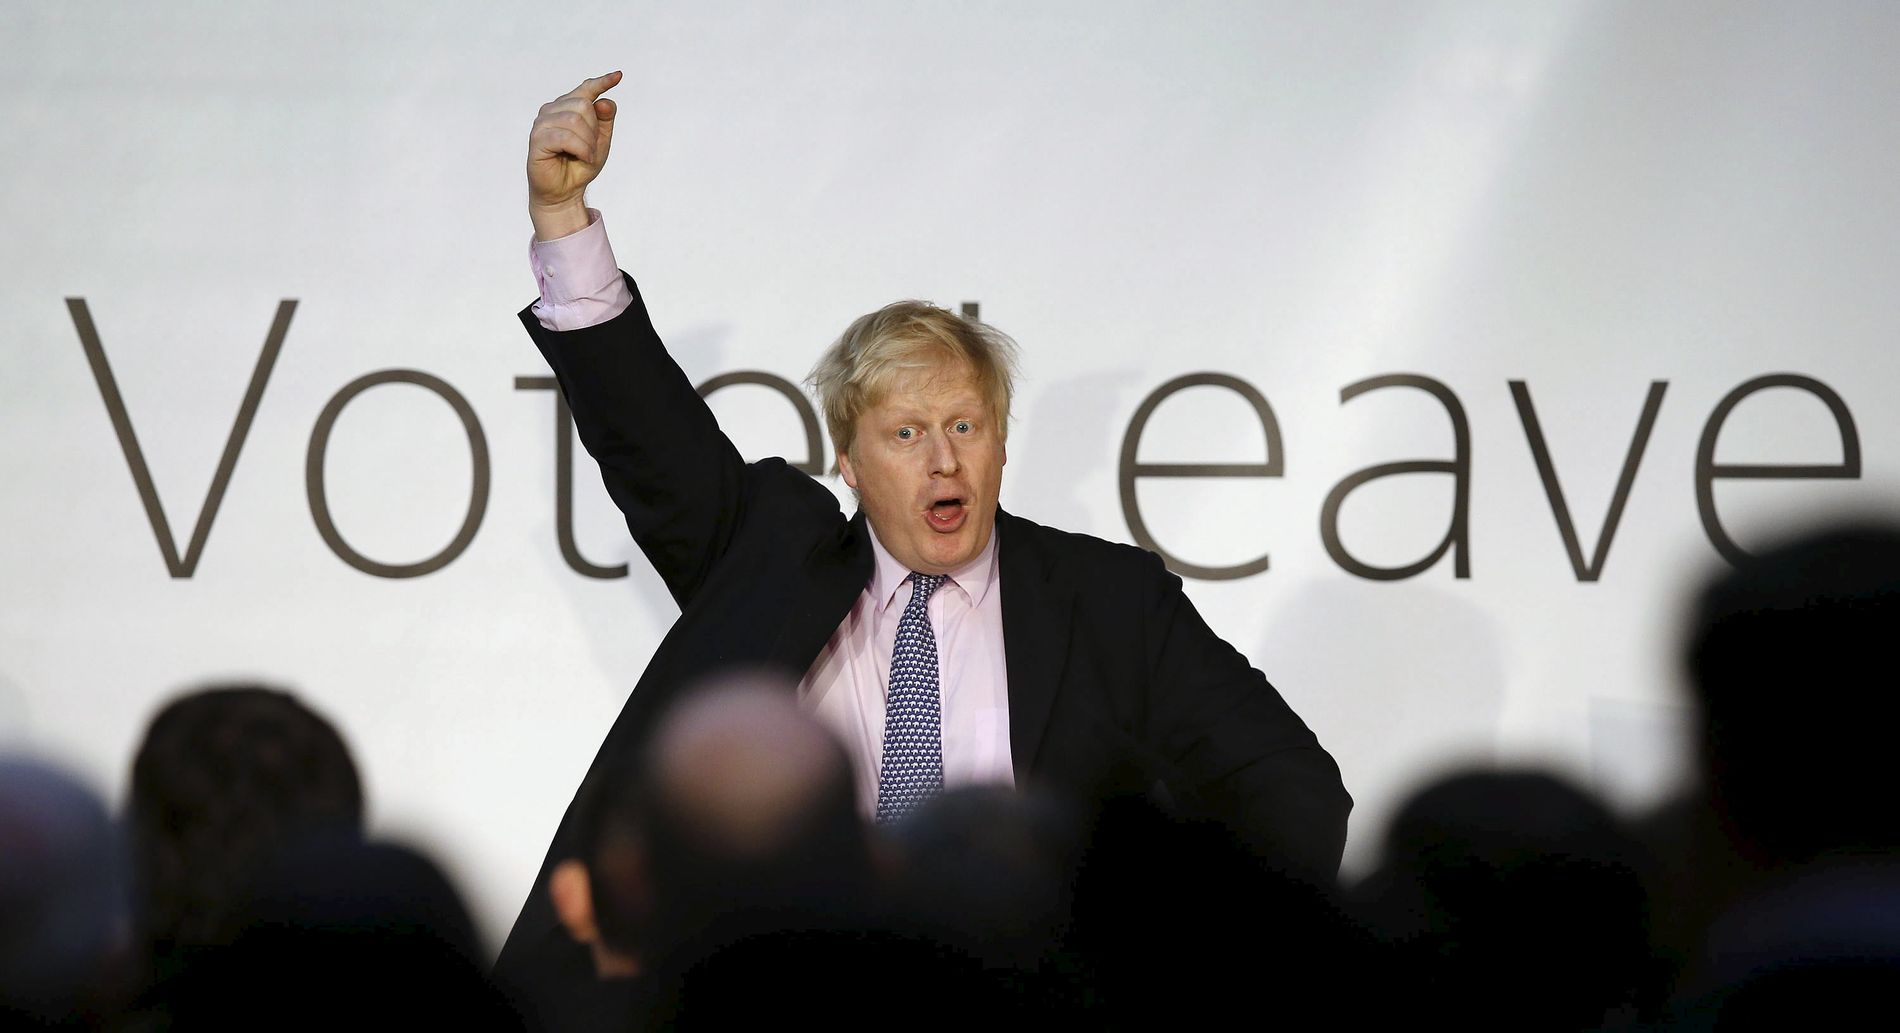 PERSONLIGHET: – Boris Johnson, ute av britisk politikk, eller potensiell ny statsminister?